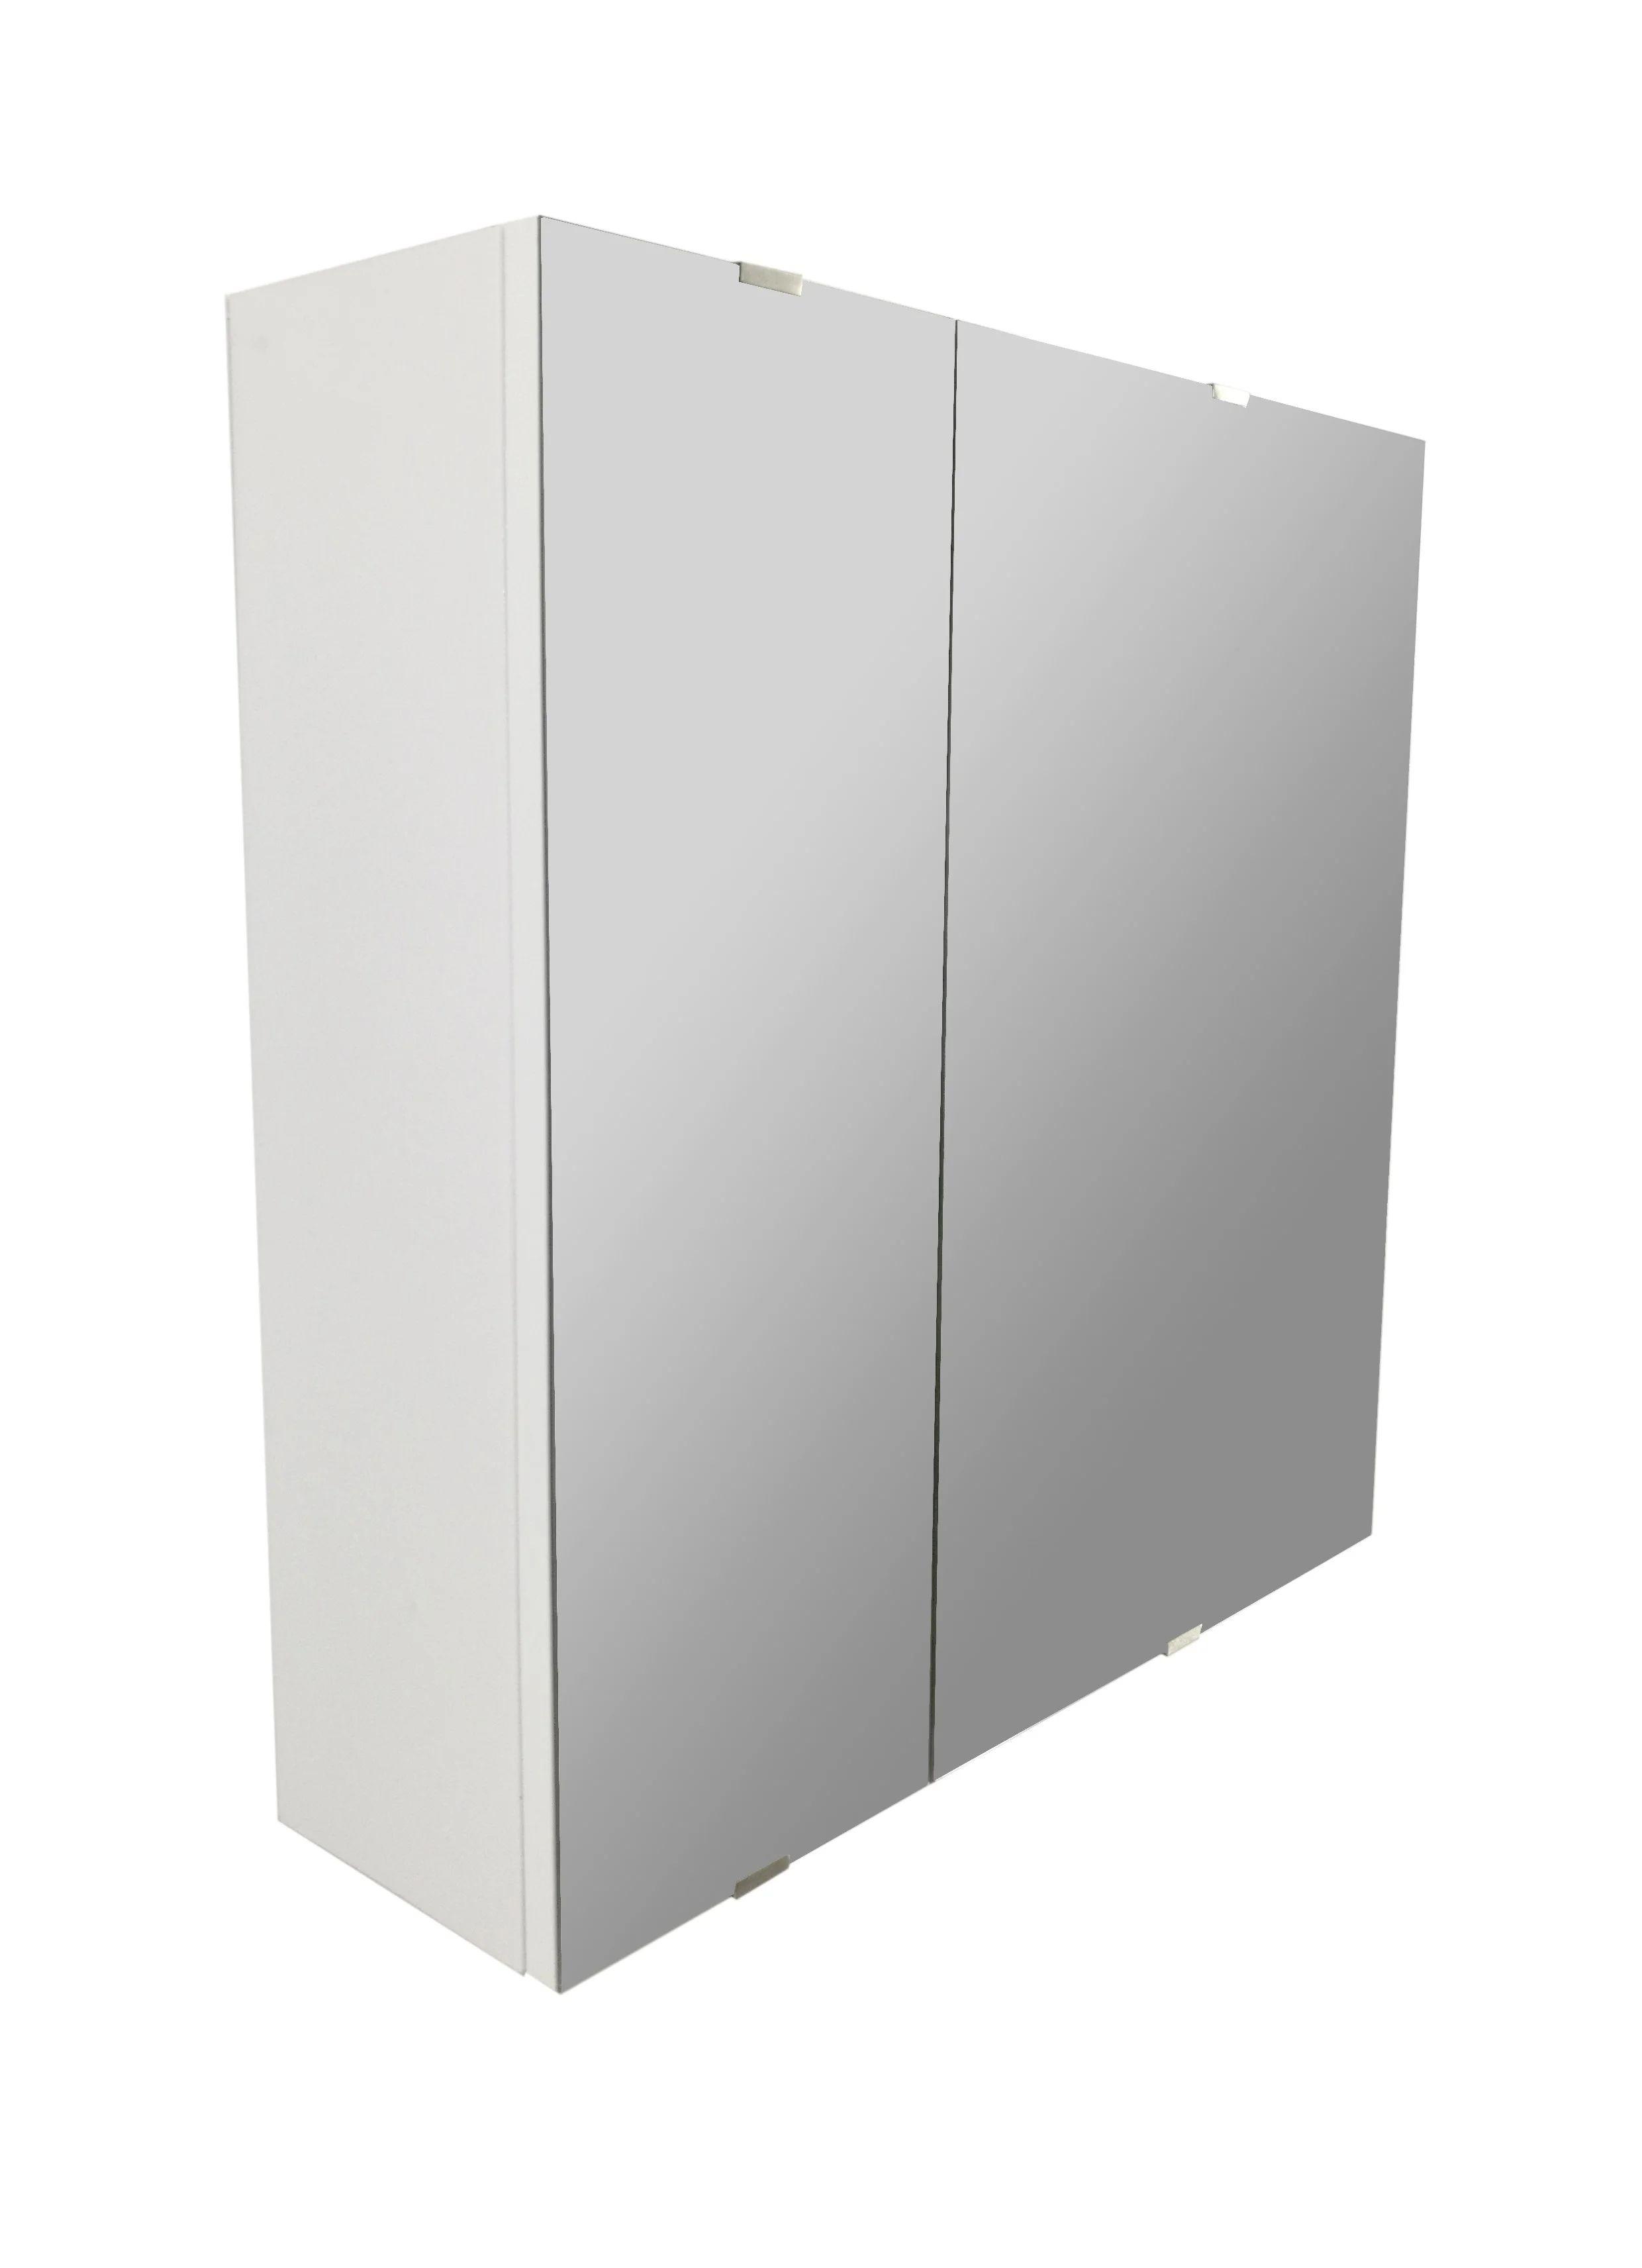 Armoire De Toilette L 58 Cm Blanc Sensea Essential Leroy Merlin